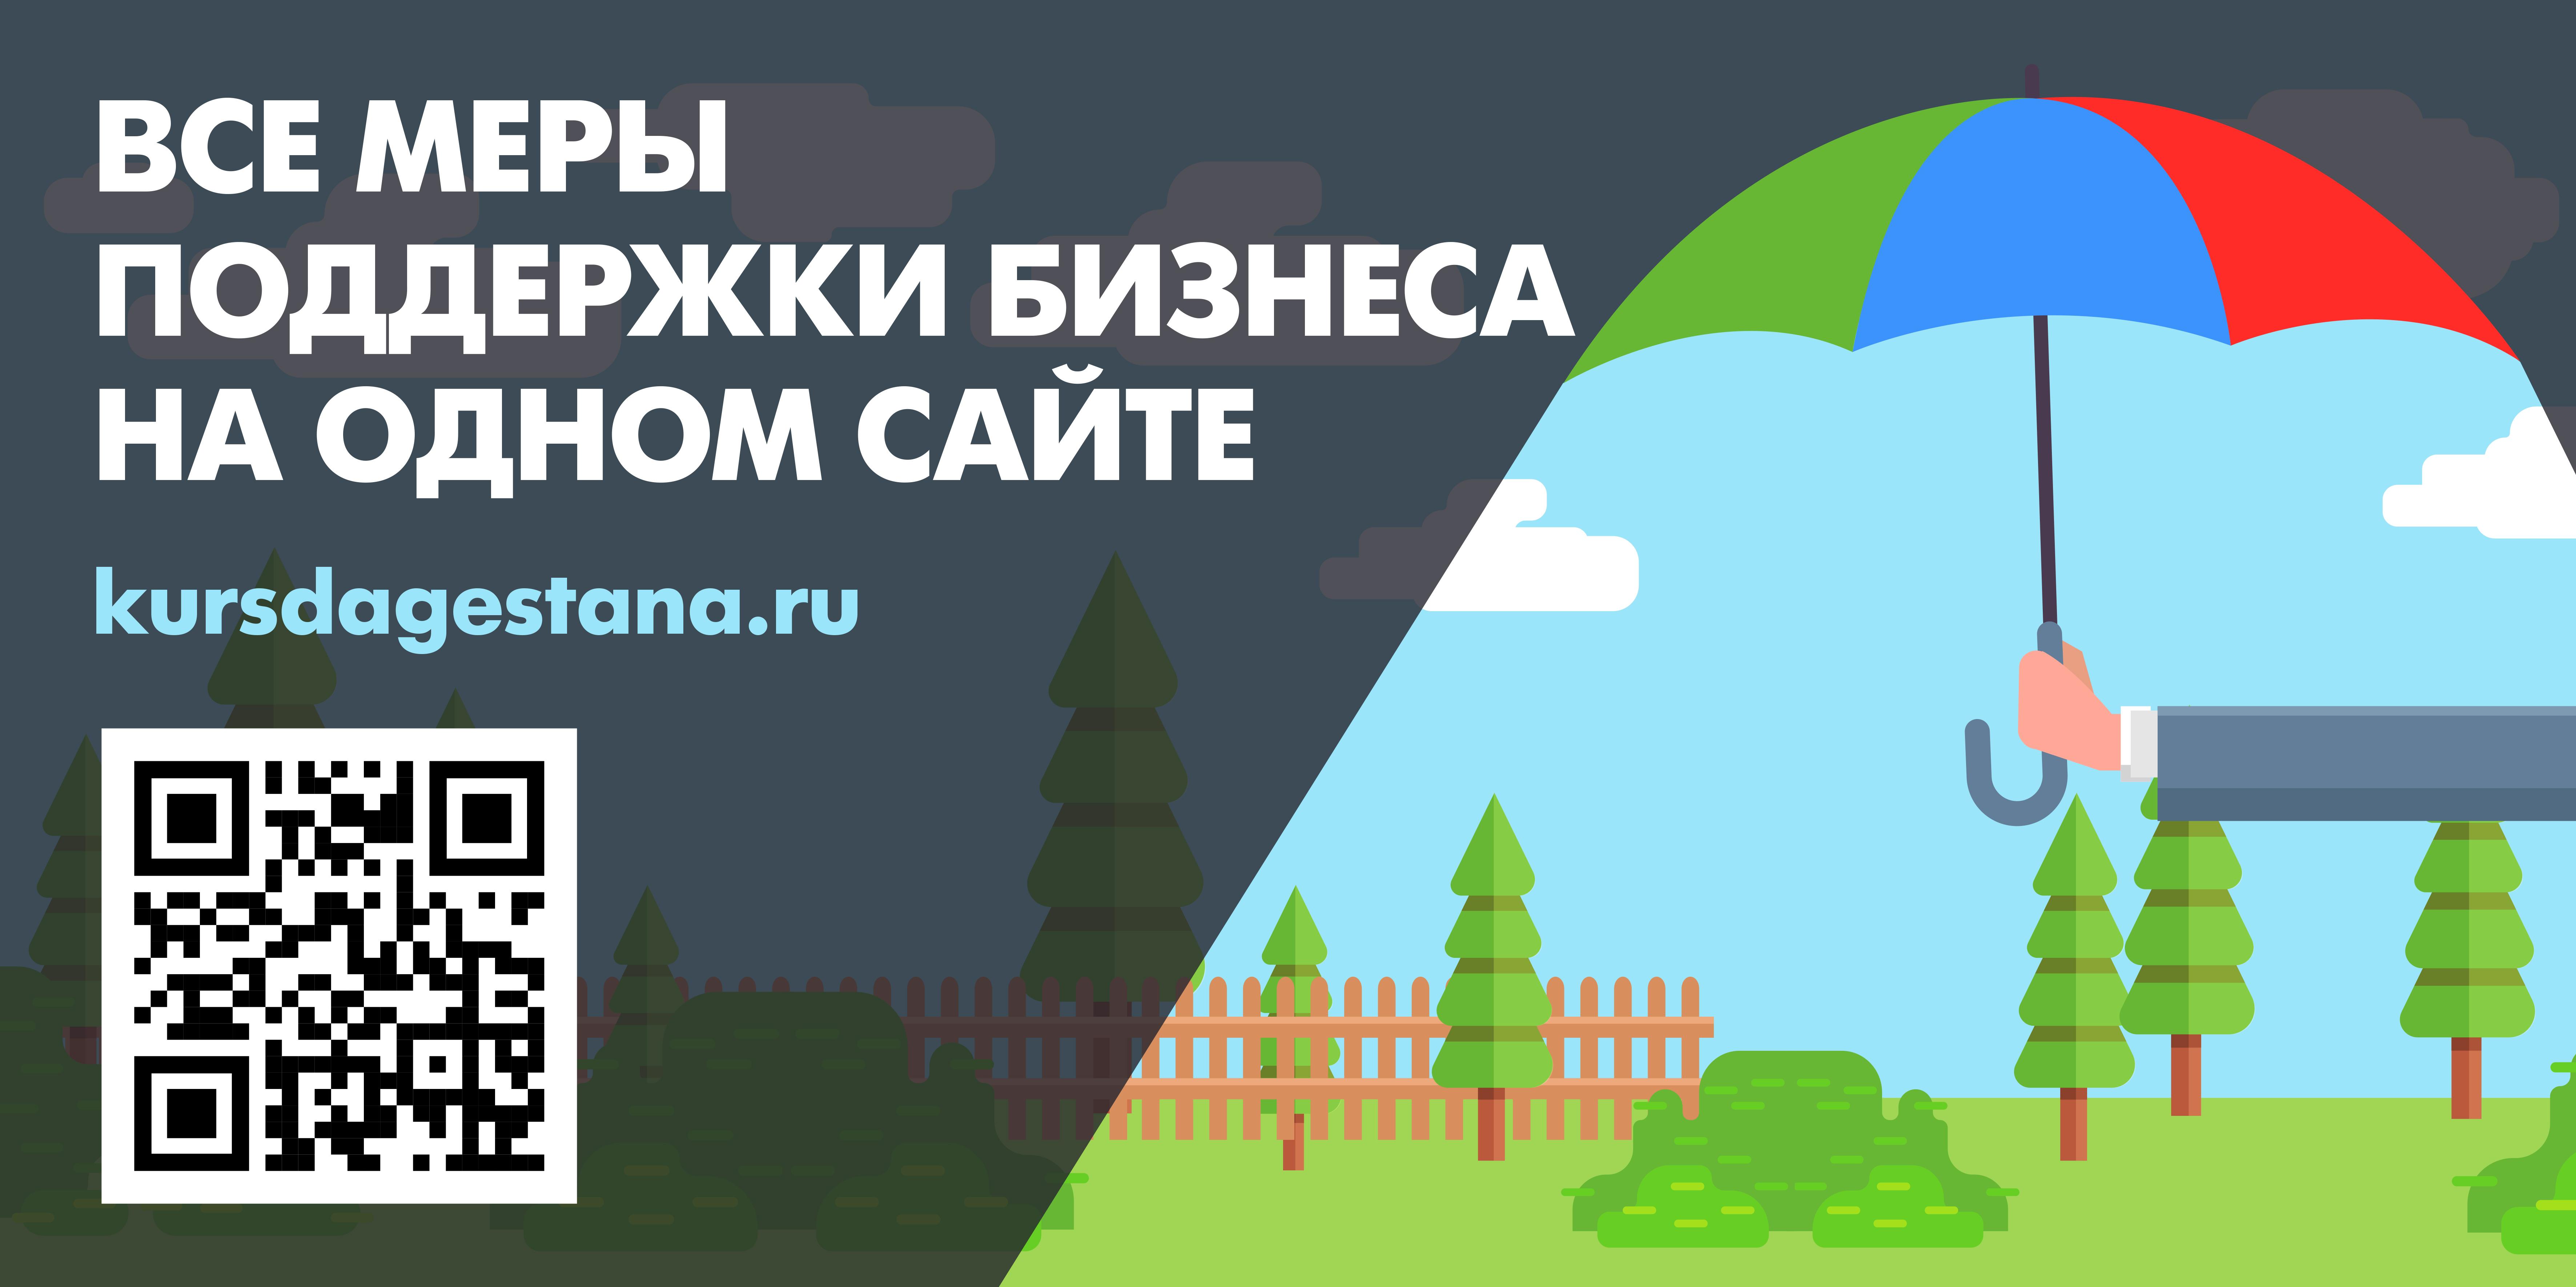 Курс Дагестана